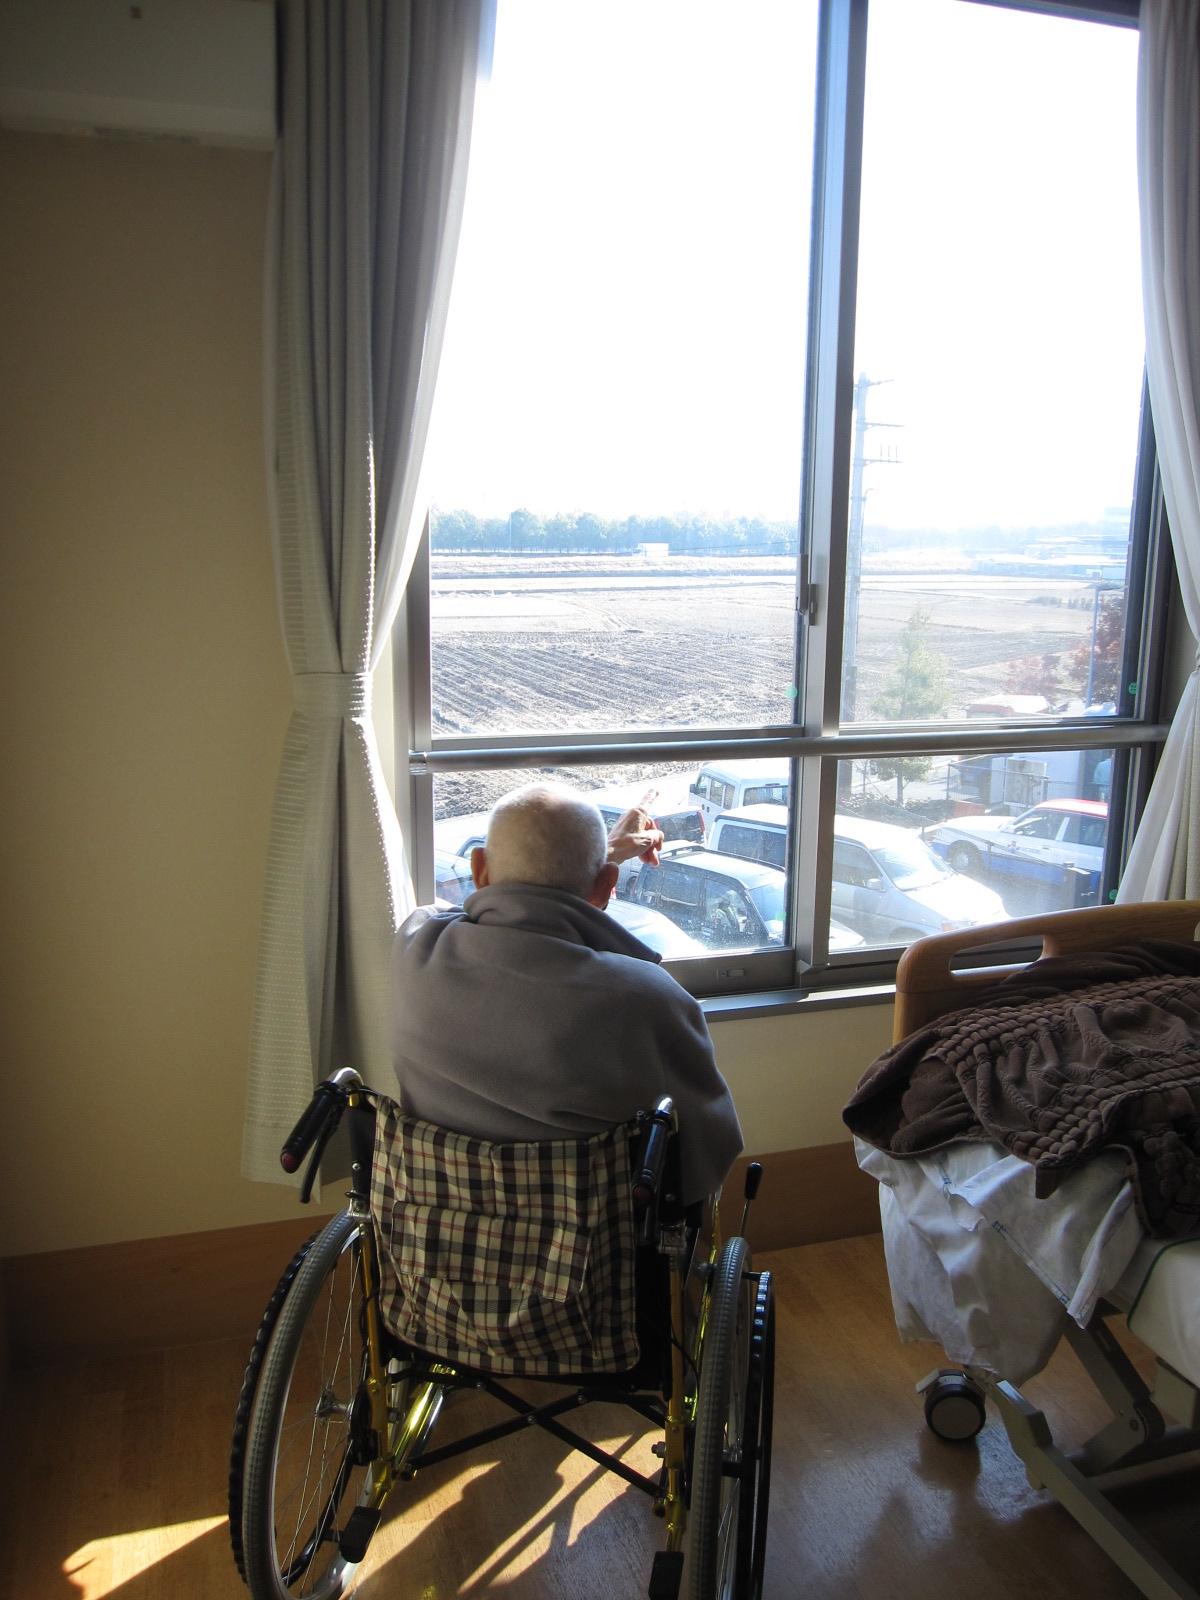 「心の安らぎ 窓から眺める景色」_e0191174_17533539.jpg